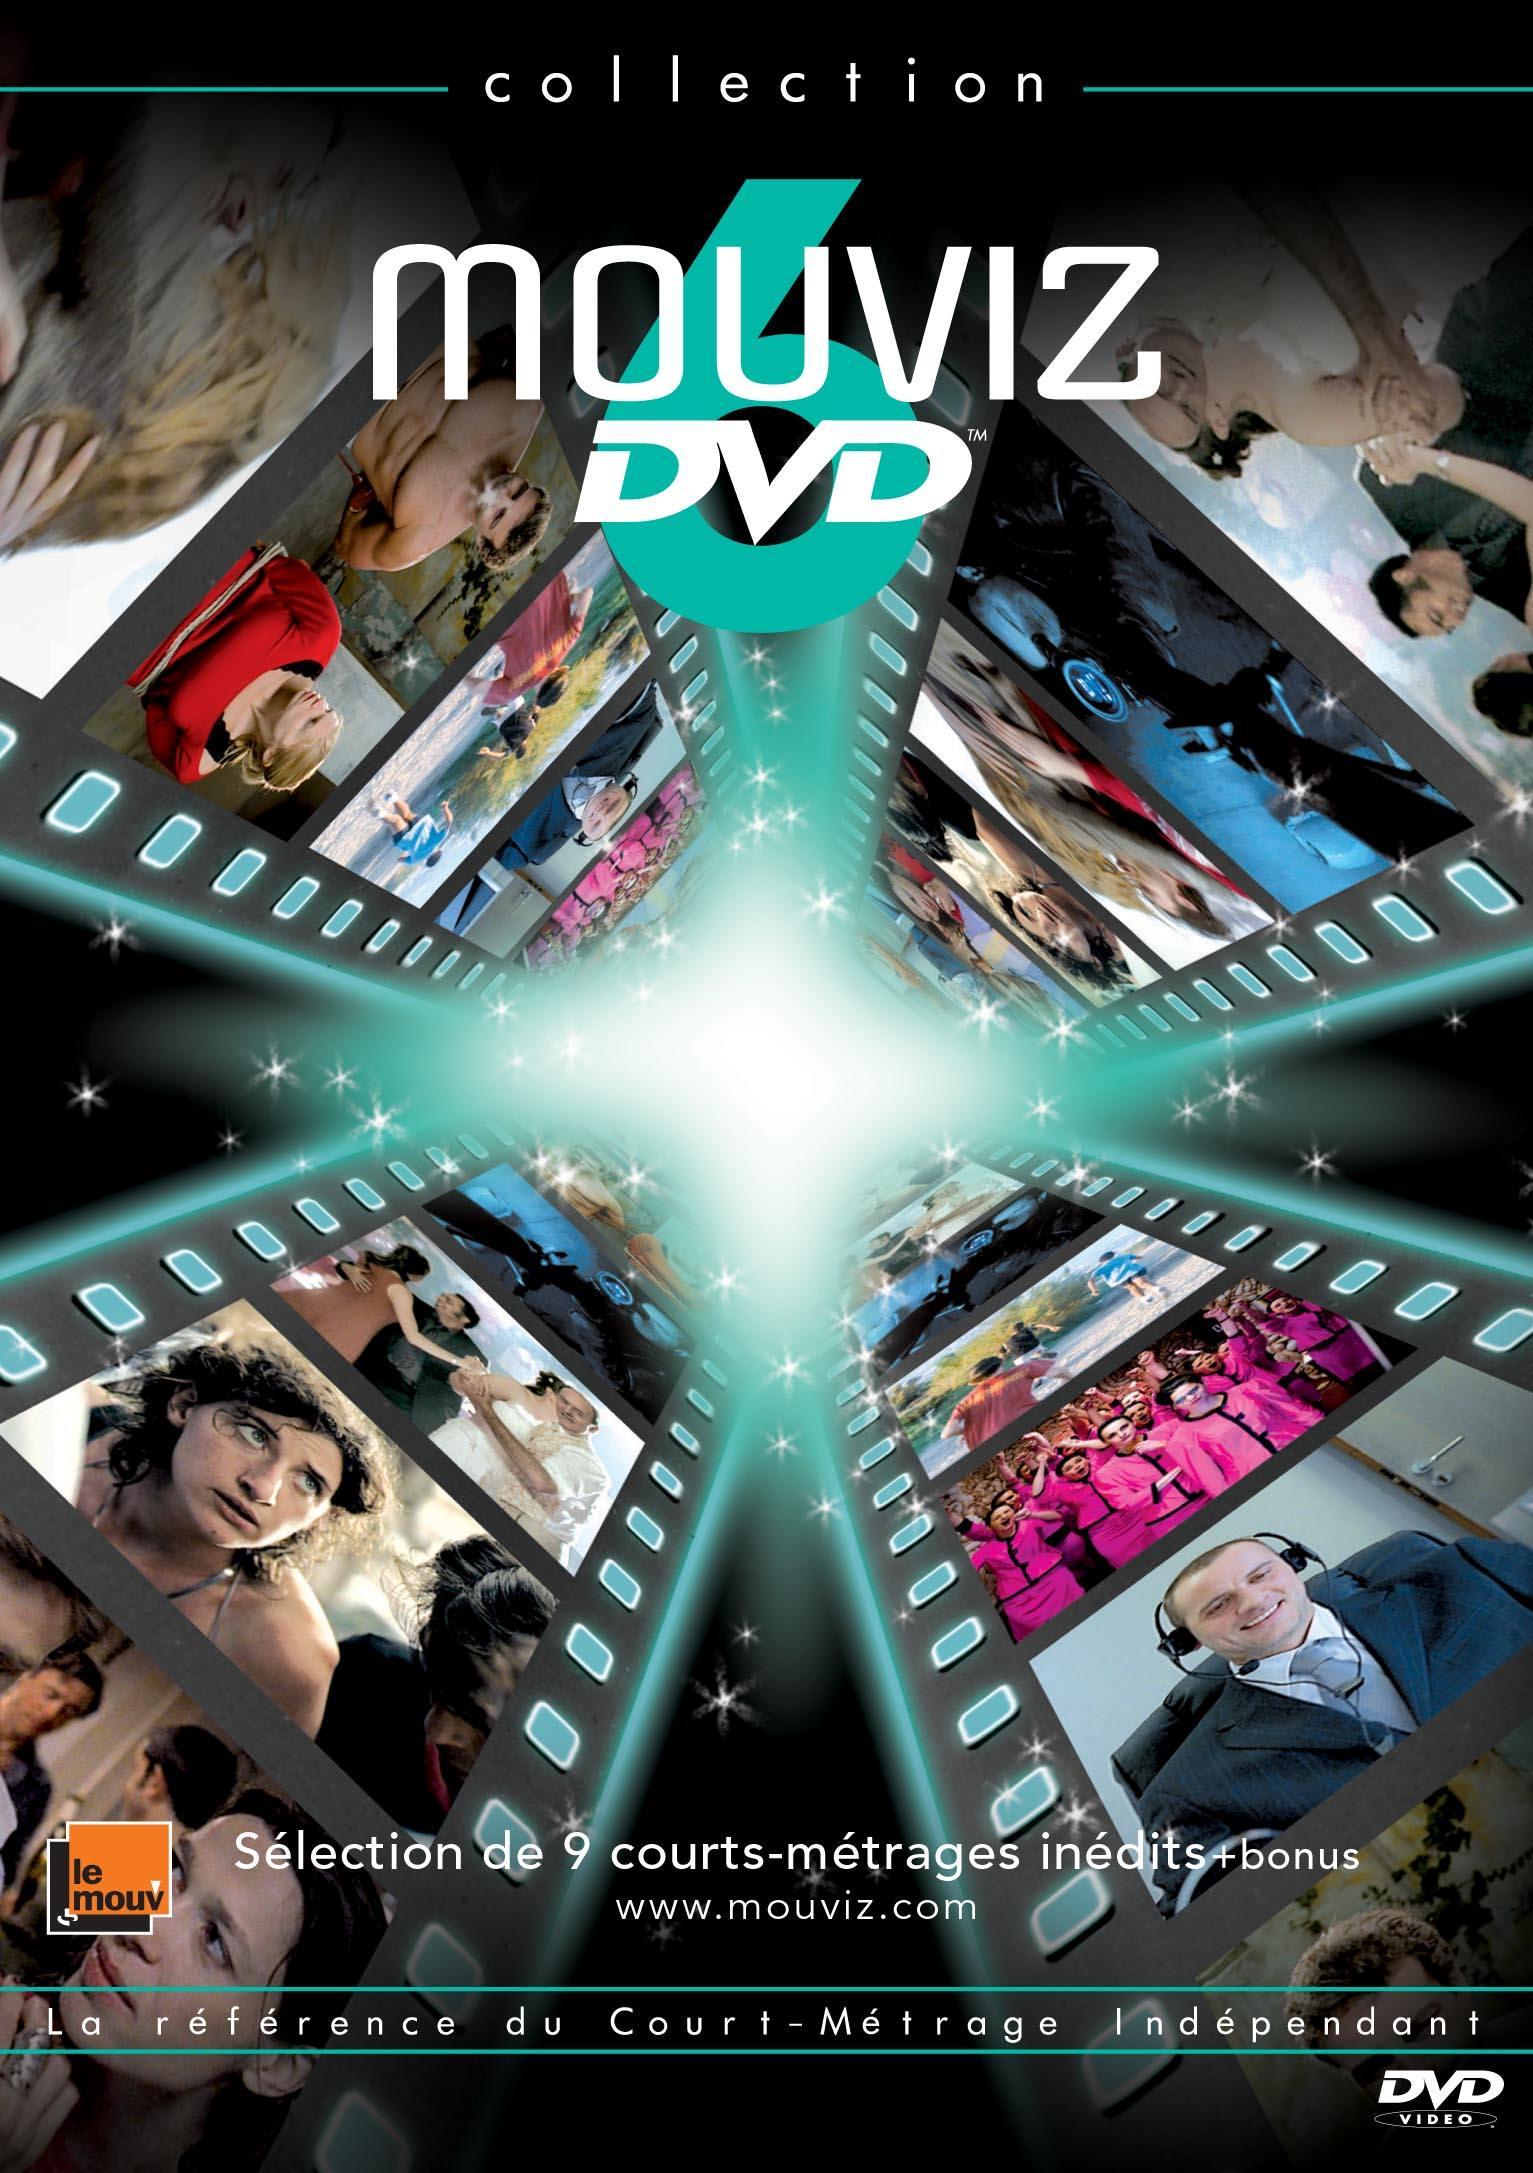 Mouviz vol 6 - dvd